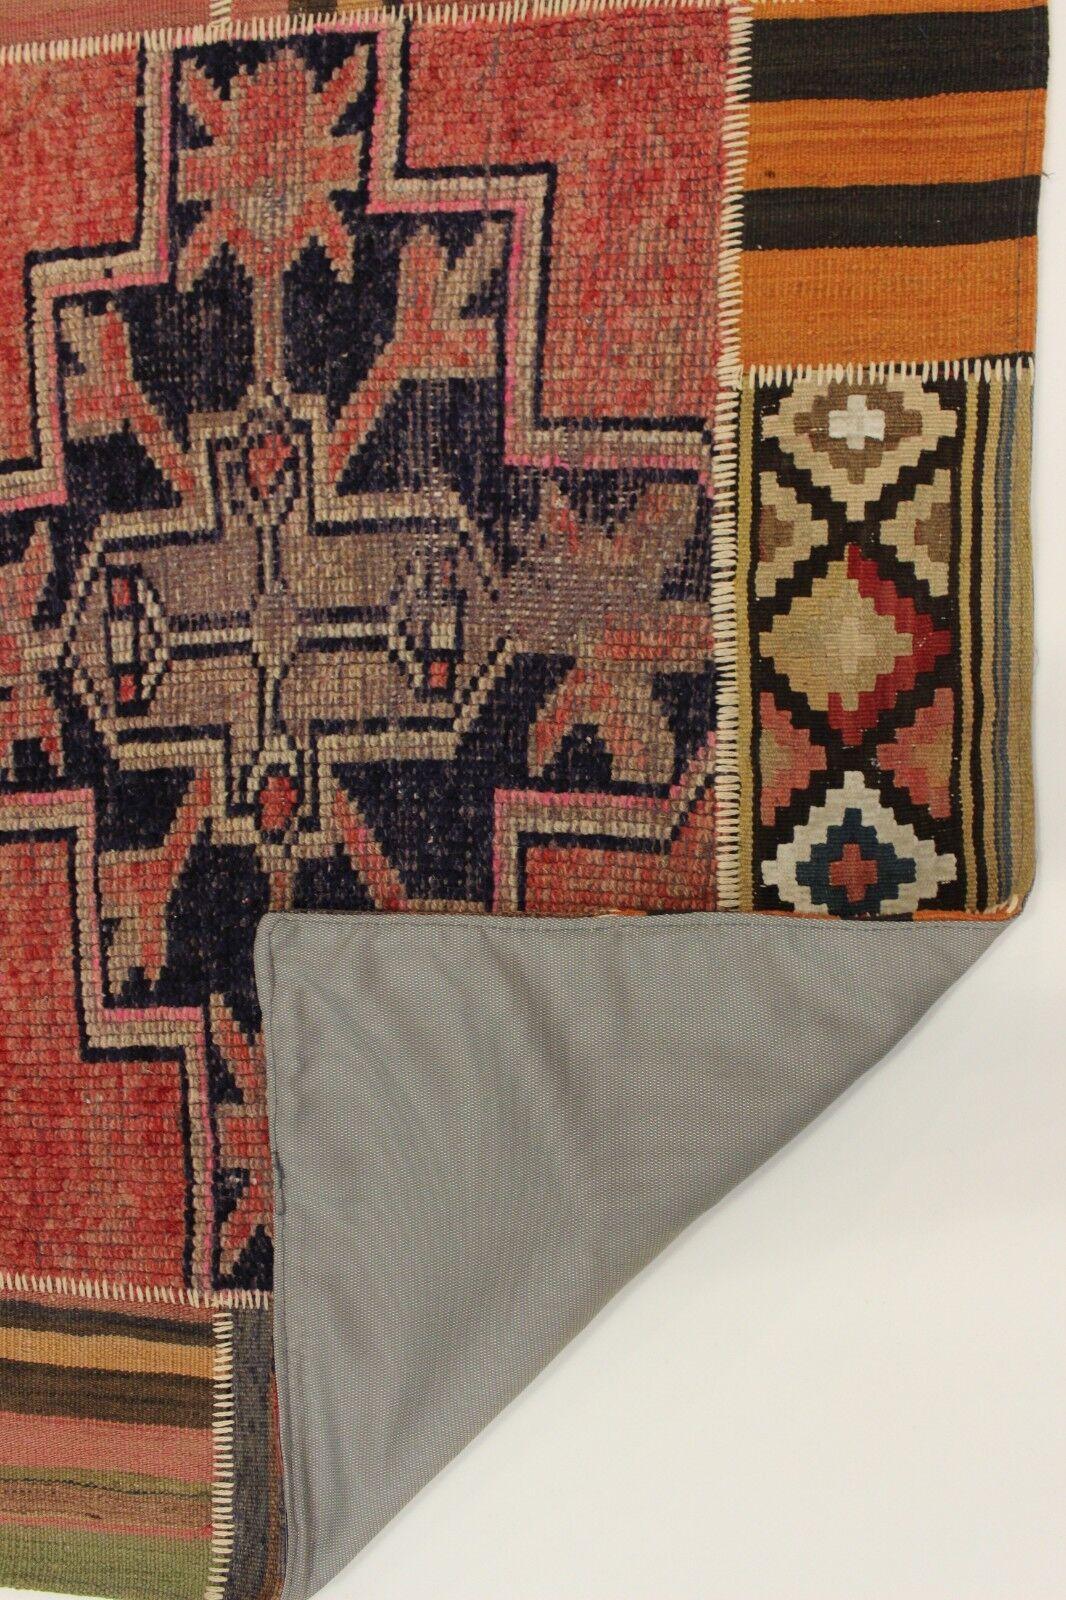 Nomades Patchwork Délavé Look Antique Antique Antique Tapis de Perse Tapis D'Orient 1,78 X 1,35 417ab4